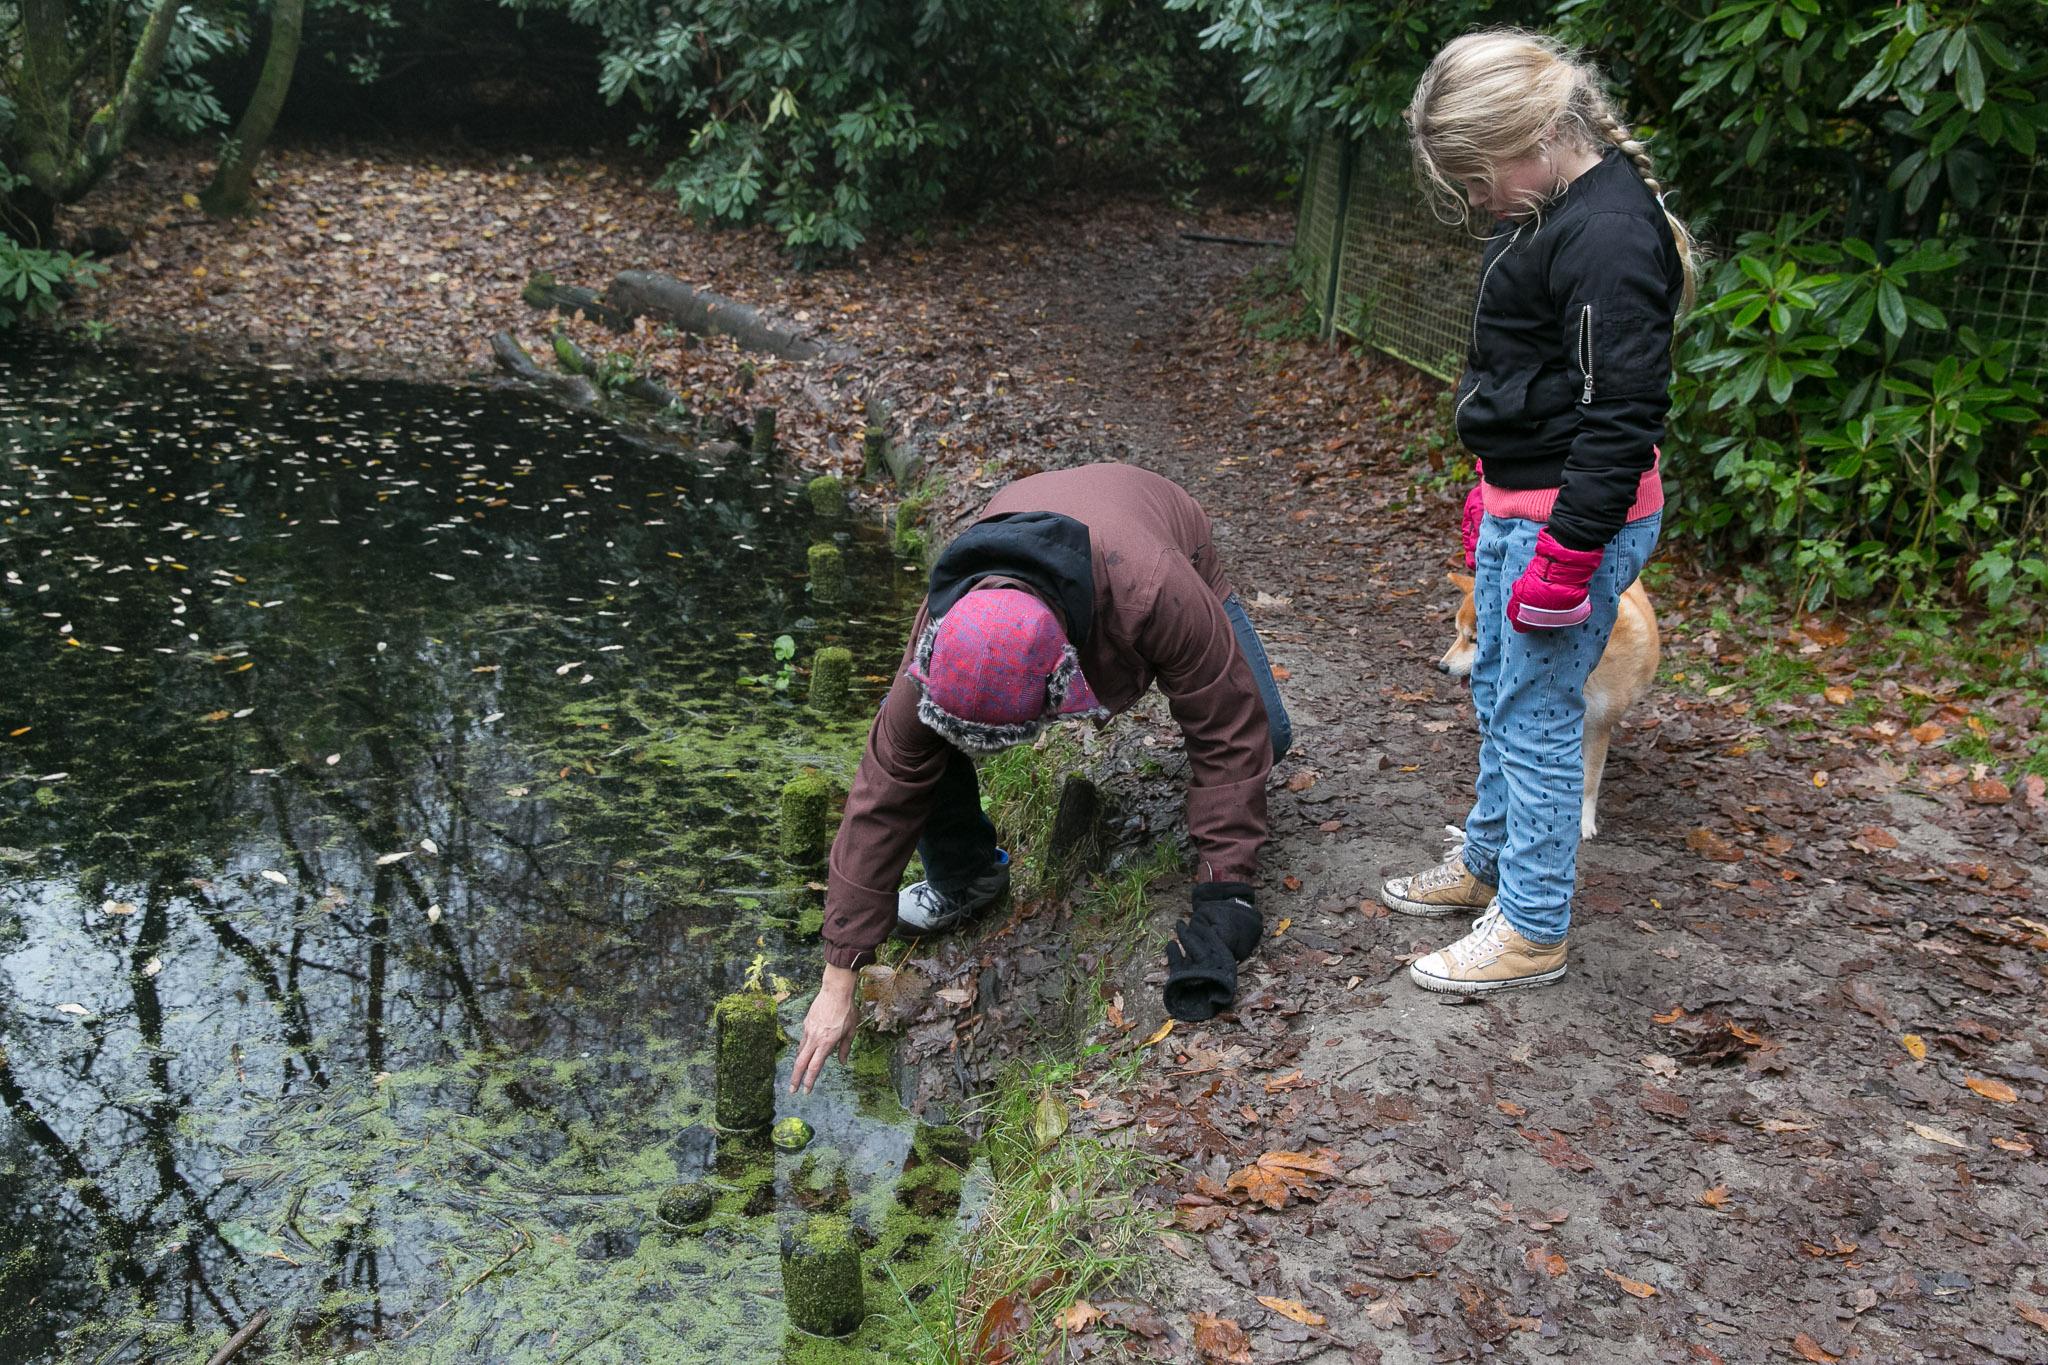 Met de familie wandelen in het bos tijdens een Day in the Life reportage in Haarlem